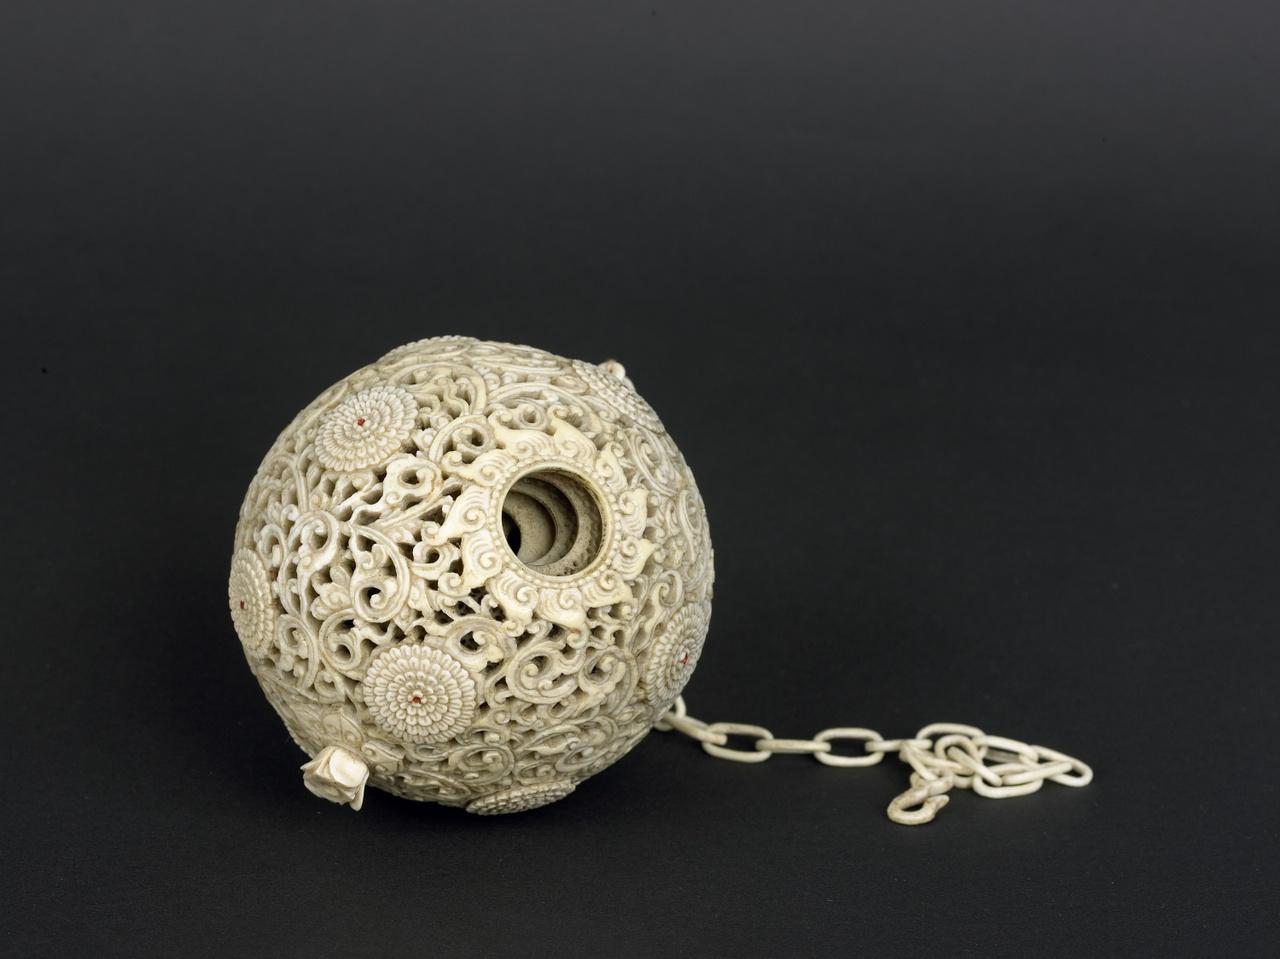 Ivoren sierbal van ajoursnijwerk met daarin 6 kleinere ballen